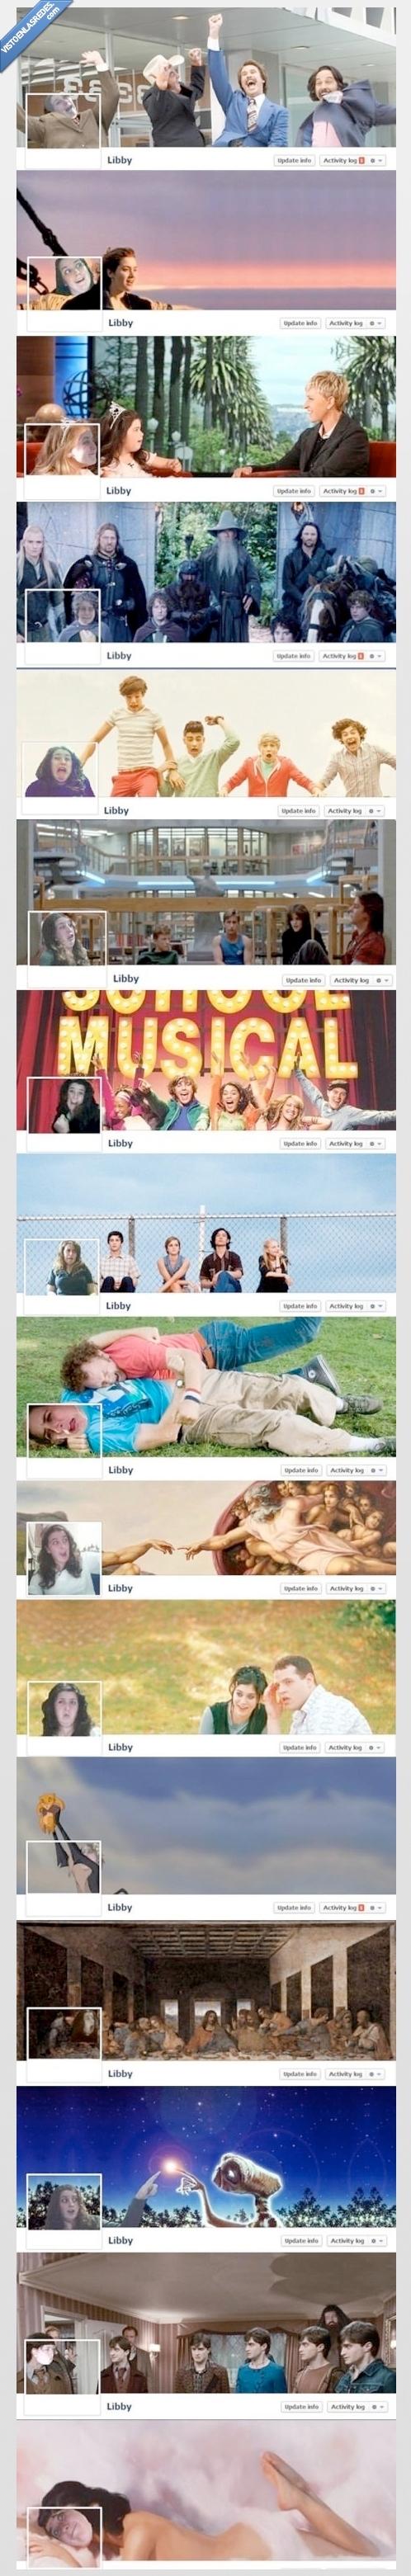 artistas,et,FB,imaginación,libby,mean girls,peliculas,personas,portada,series